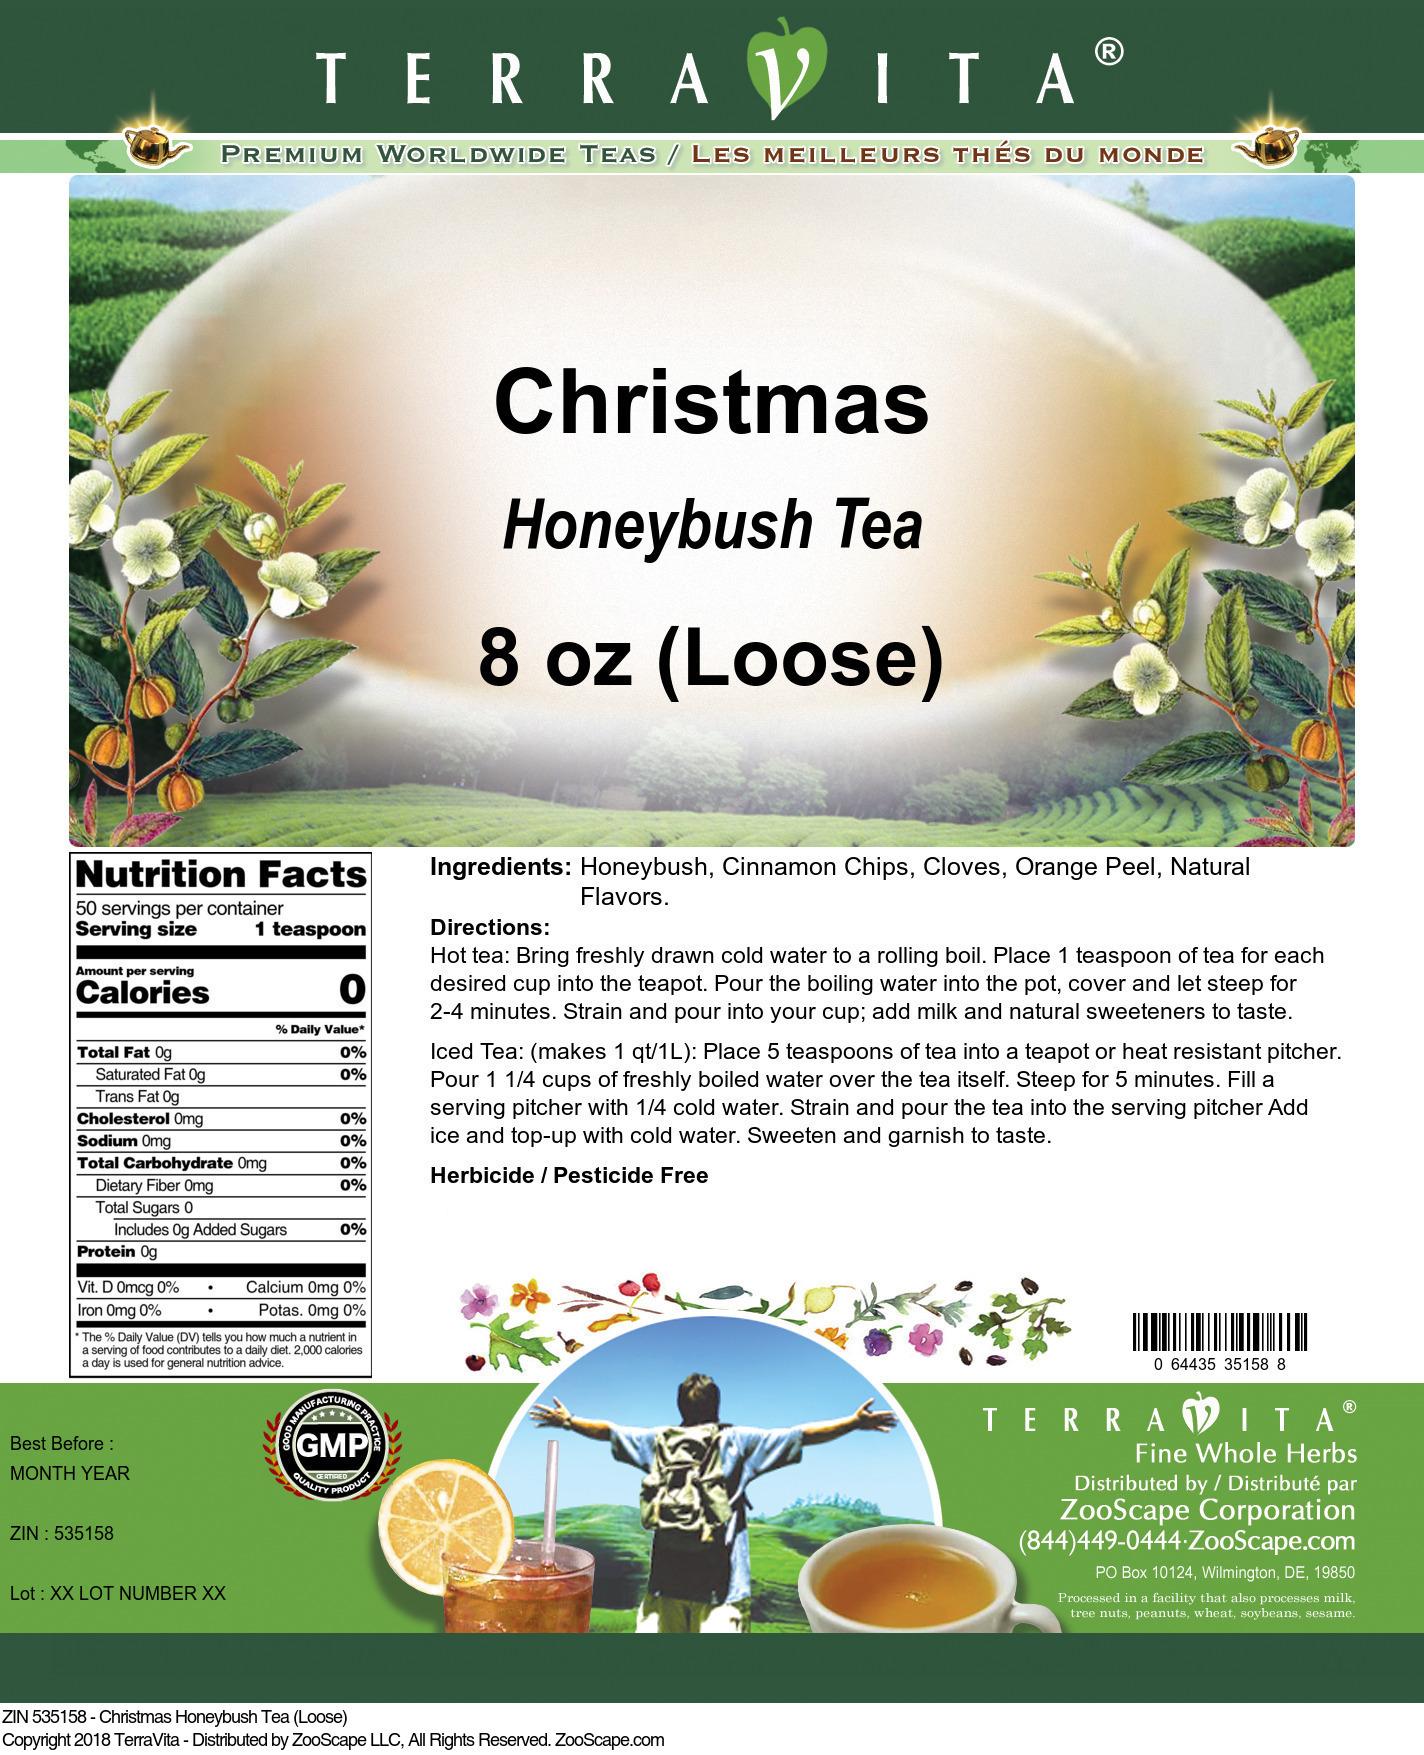 Christmas Honeybush Tea (Loose)